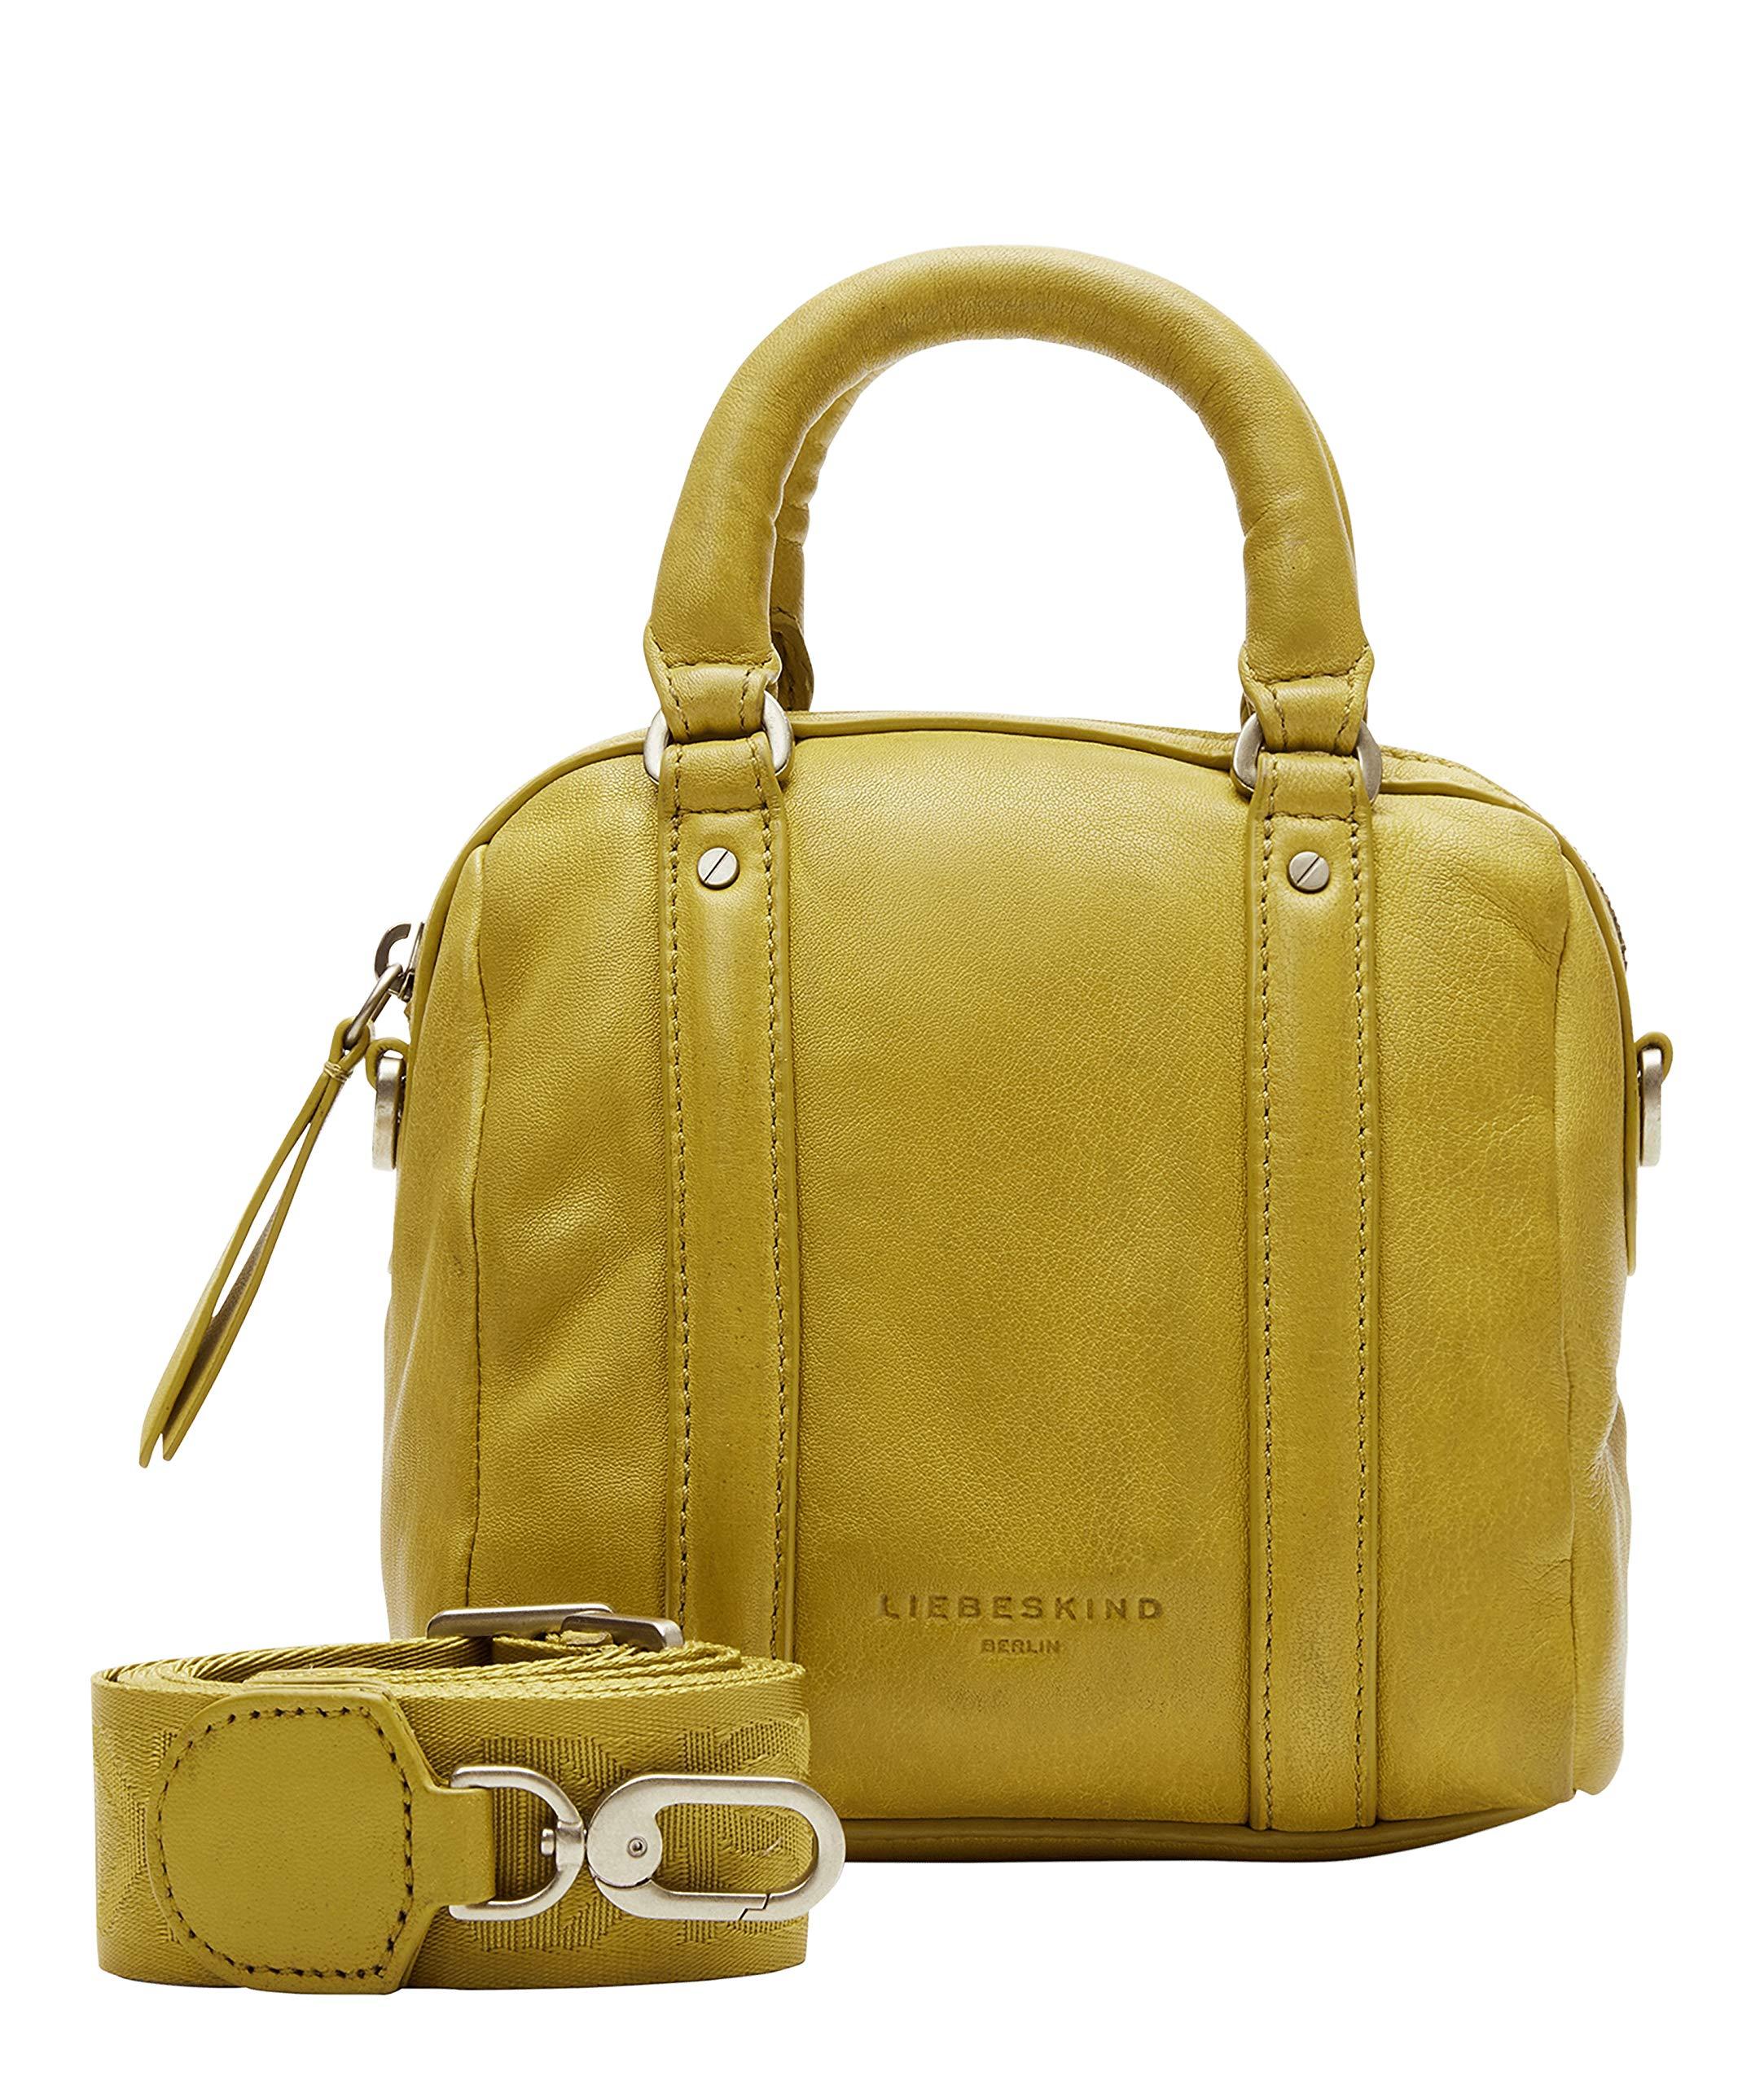 Liebeskind Berlin Handtasche gelb